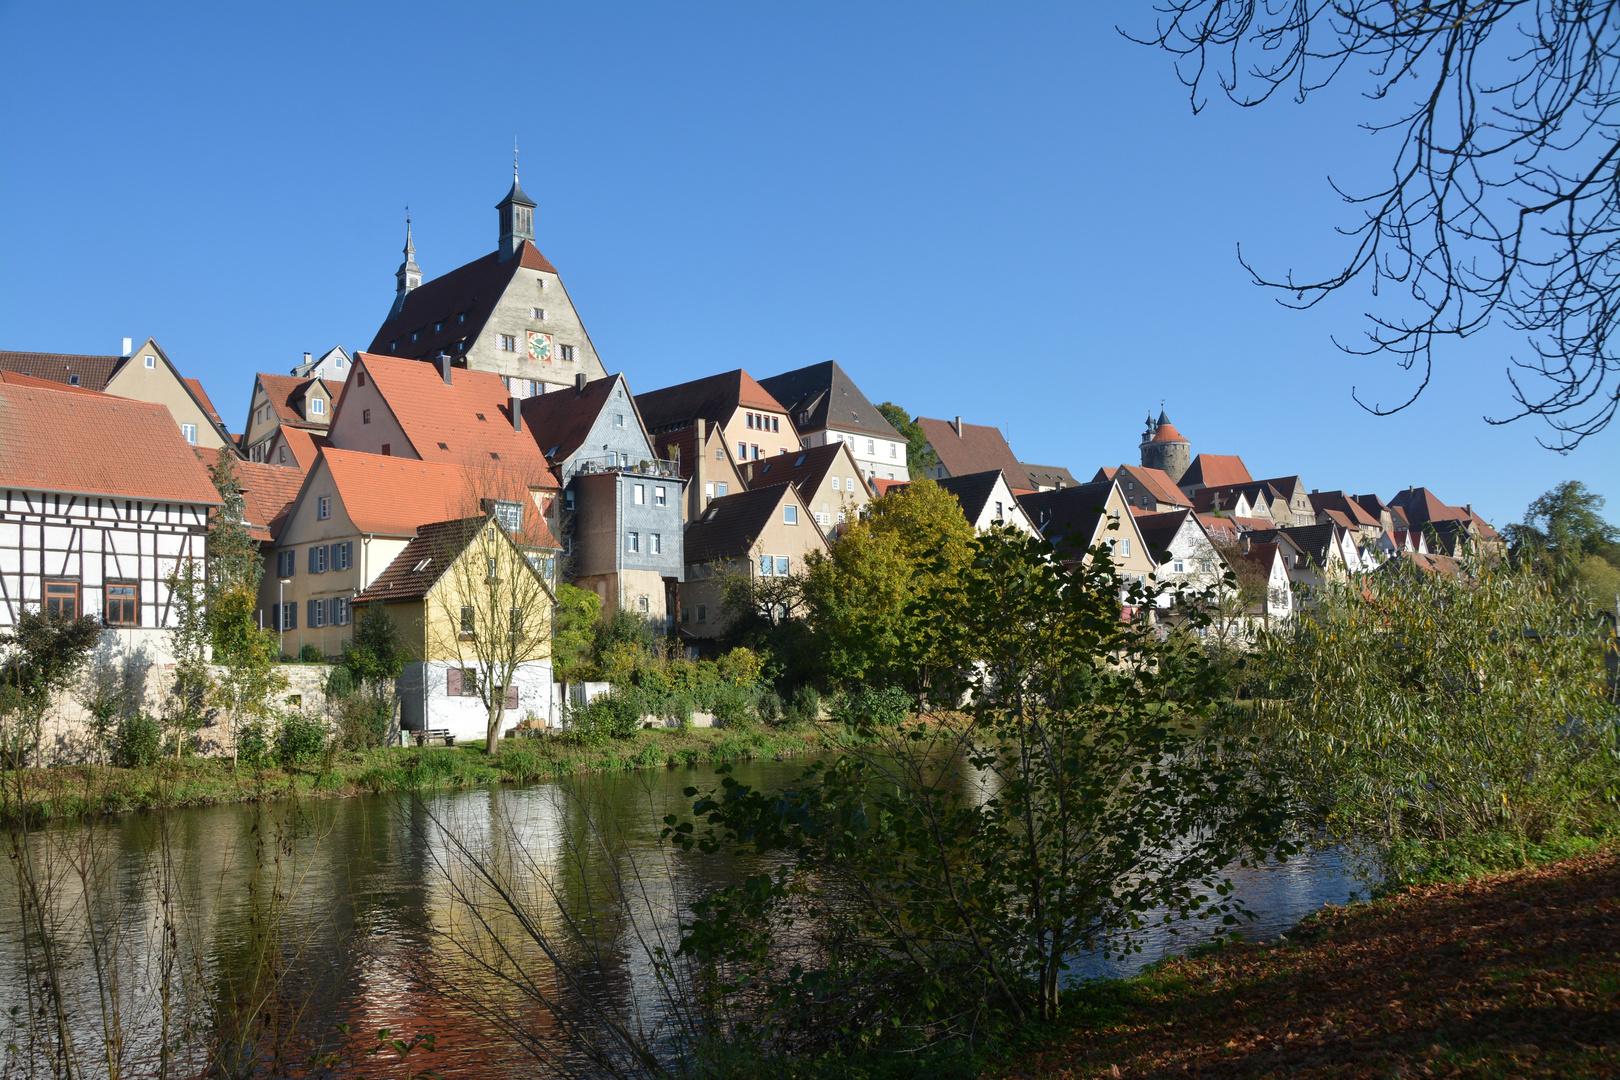 Besigheim am Neckar